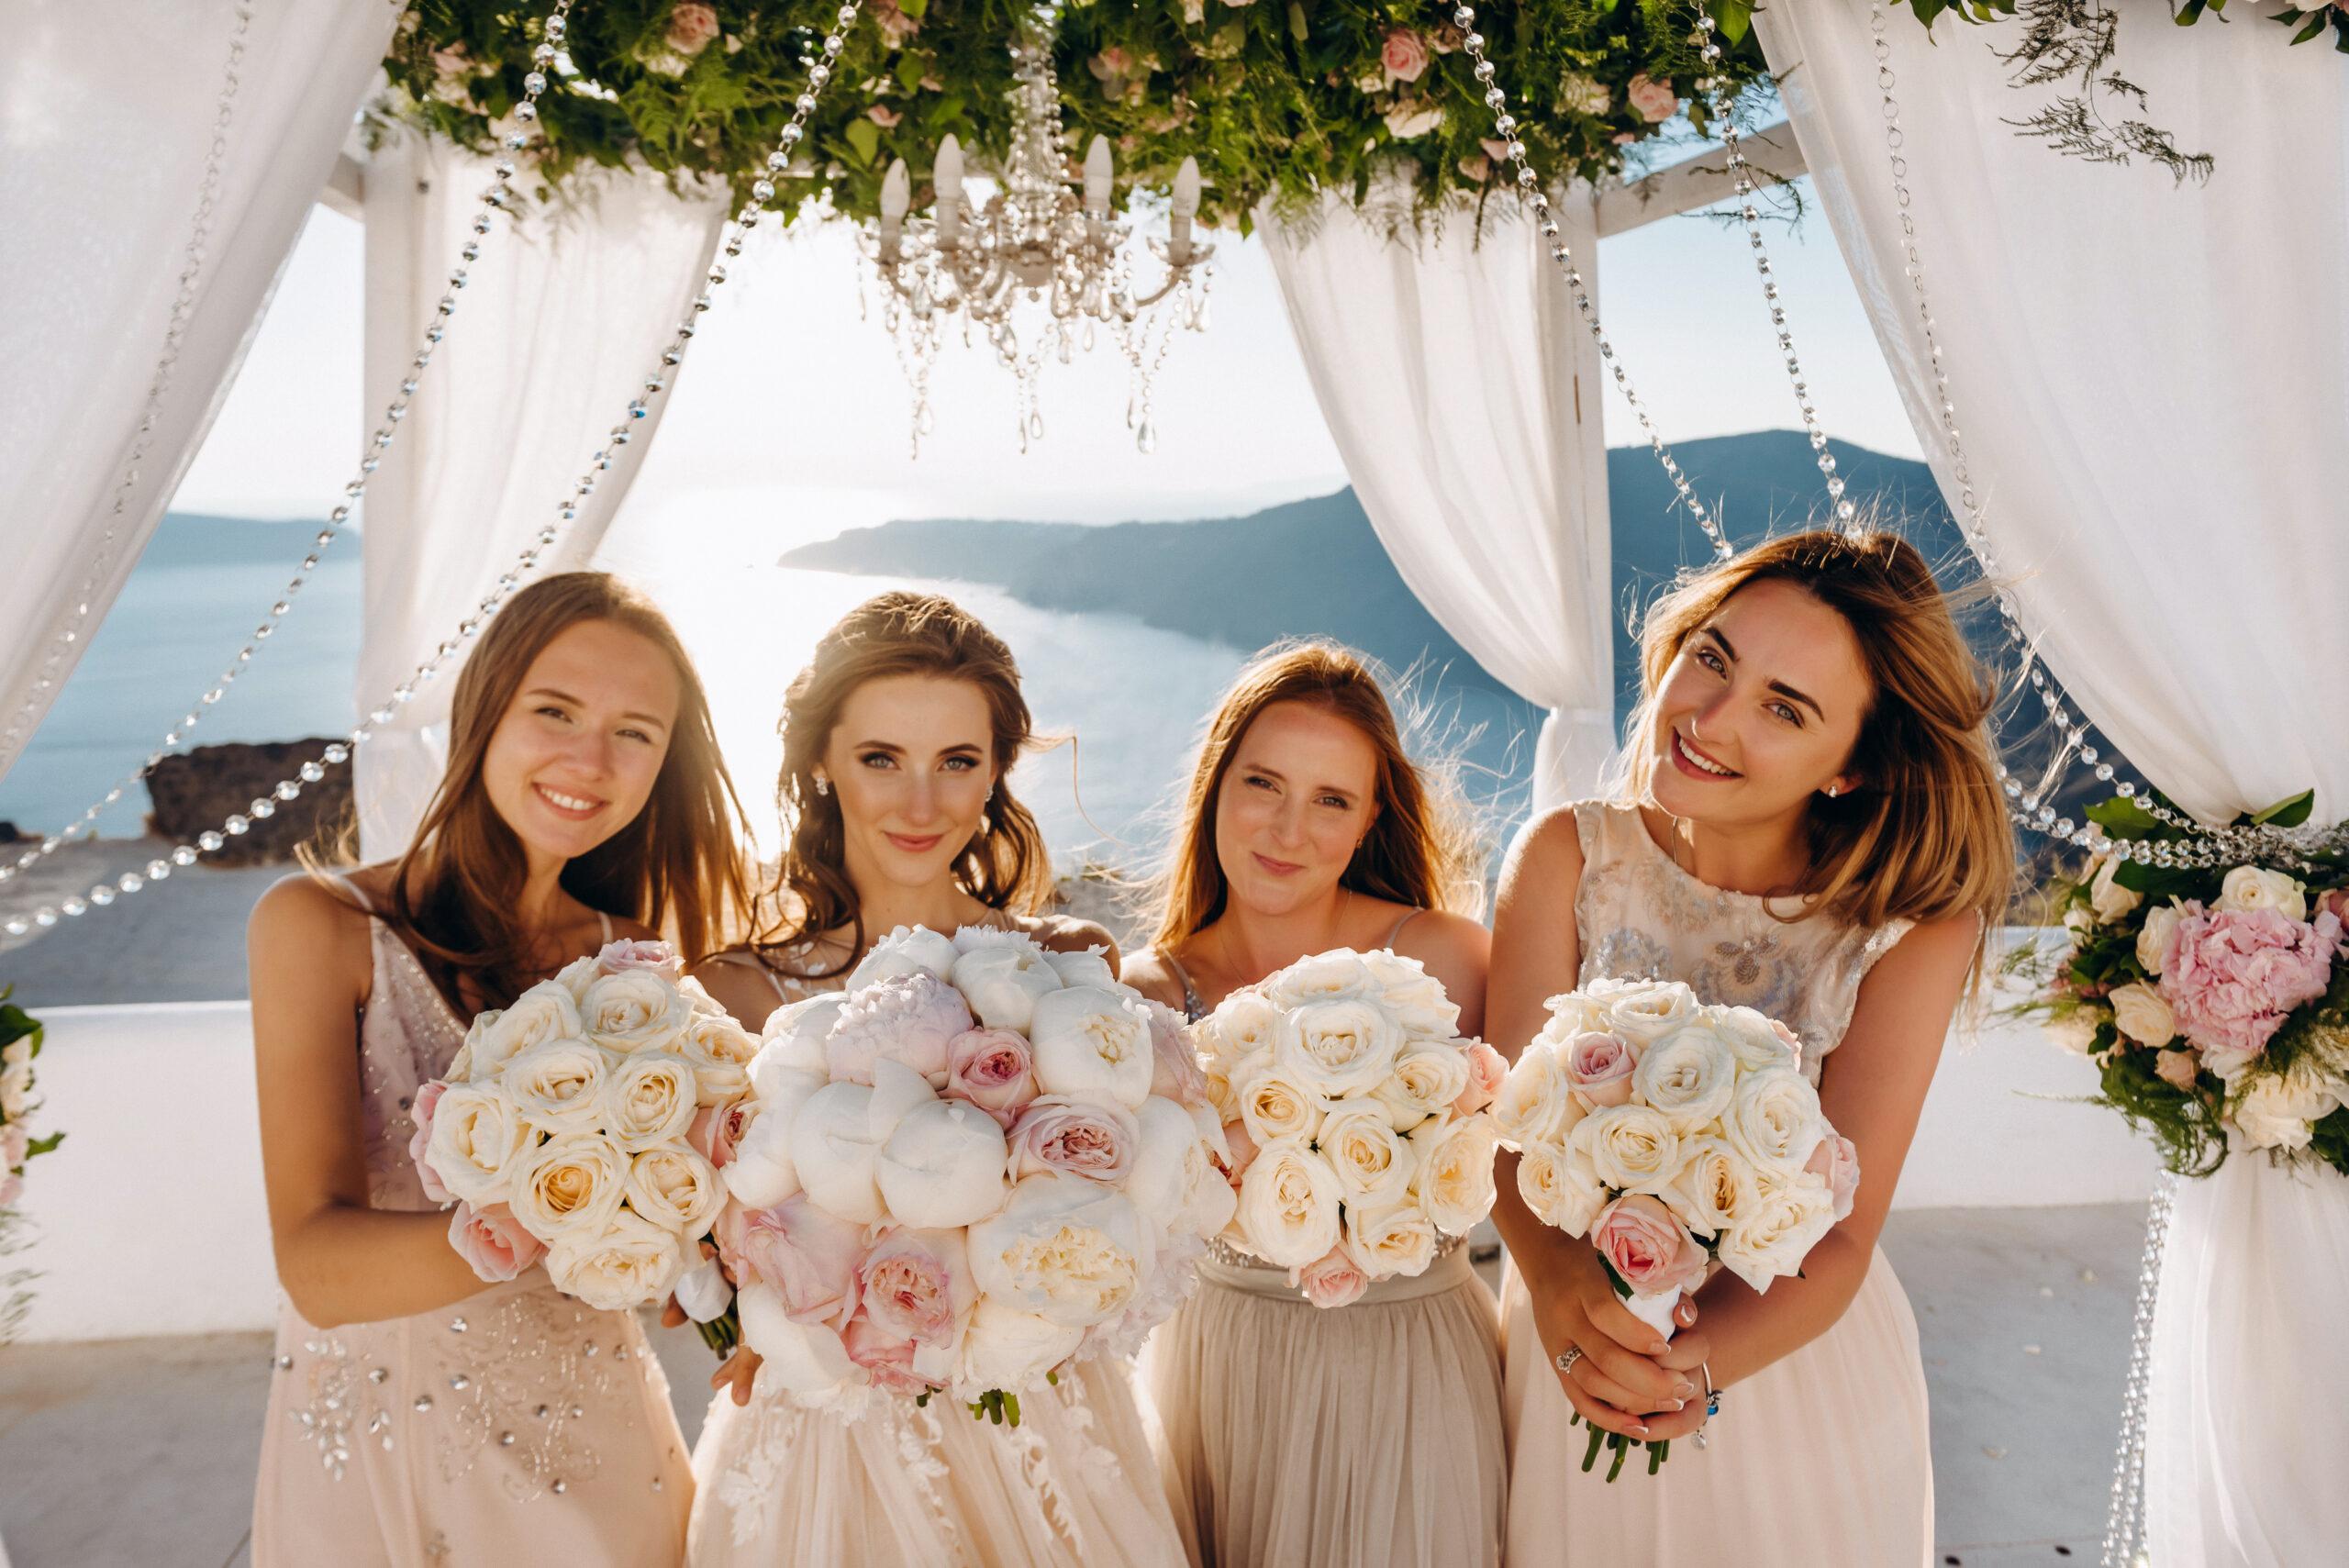 Статьи об острове Санторини — JuliaVeselova: свадьба на санторини, свадебное агентство Julia Veselova - Фото 1